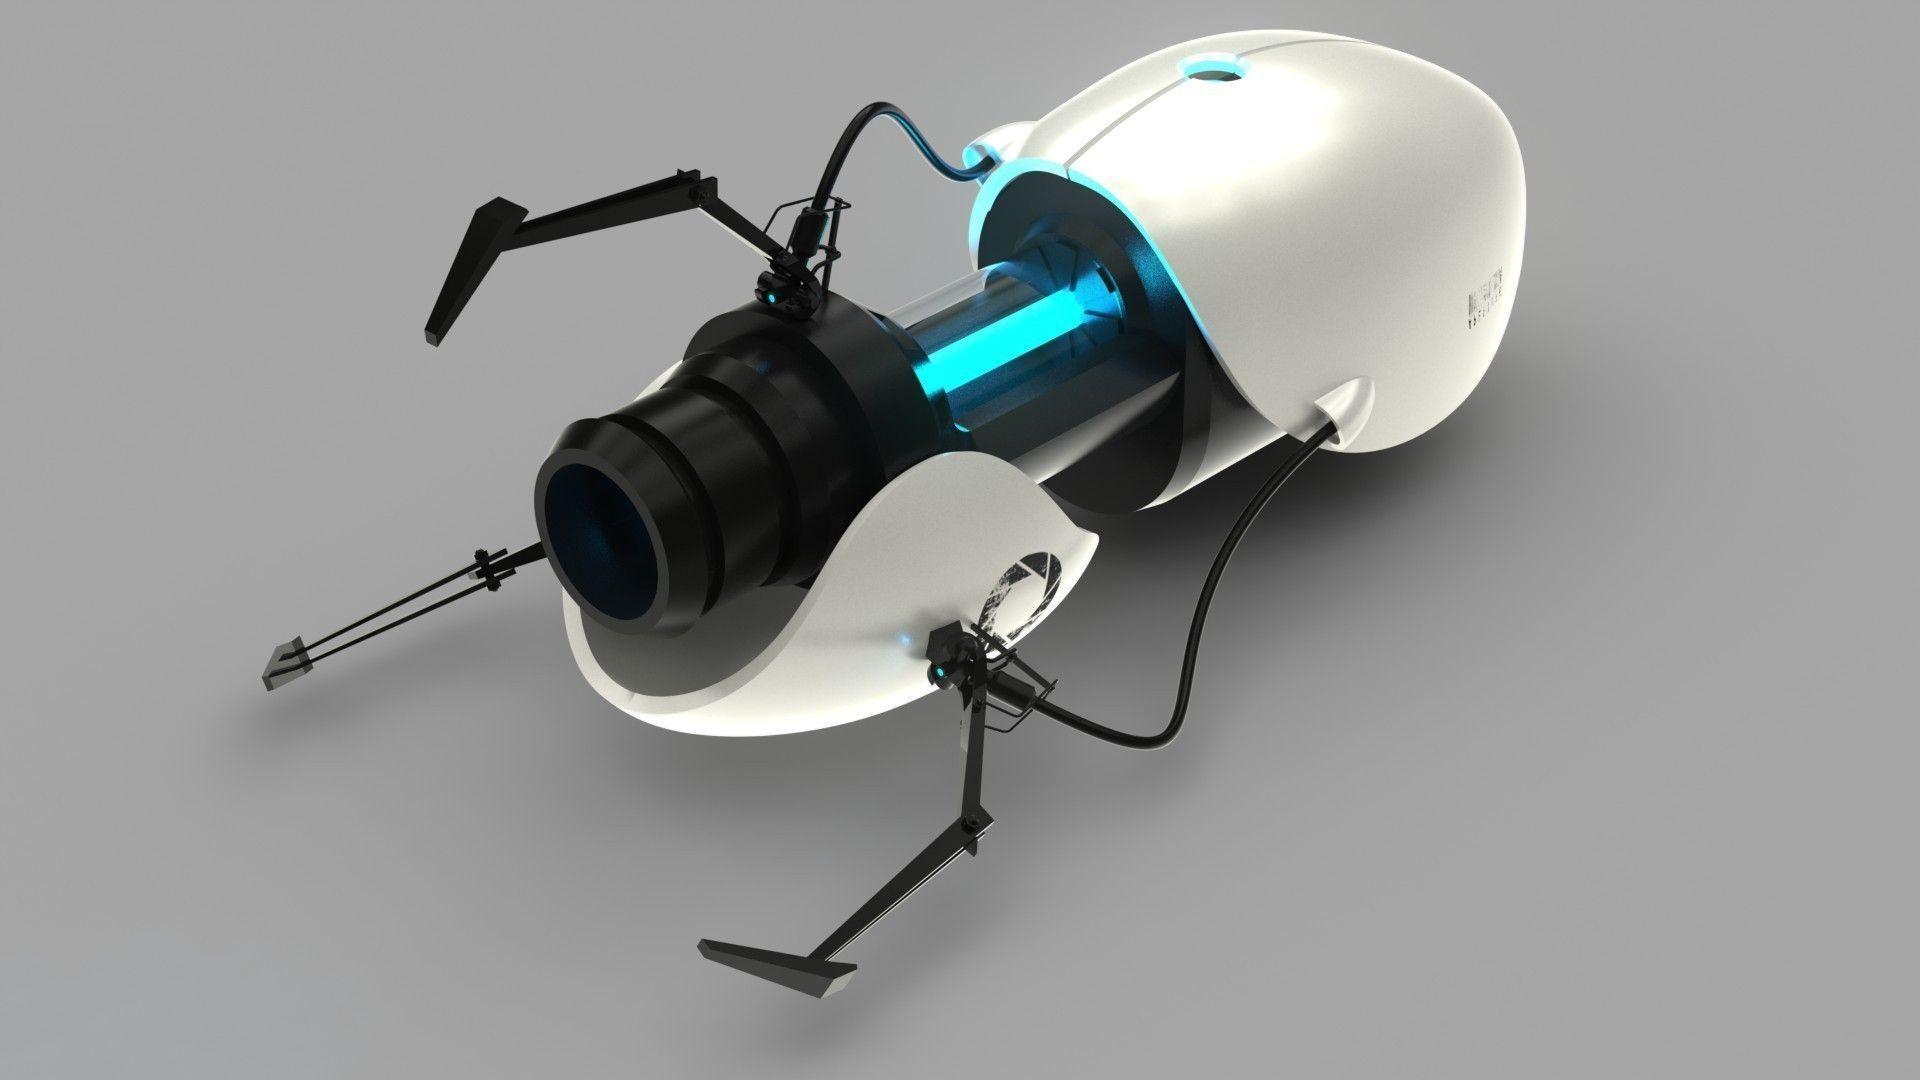 portal-gun-3d-model